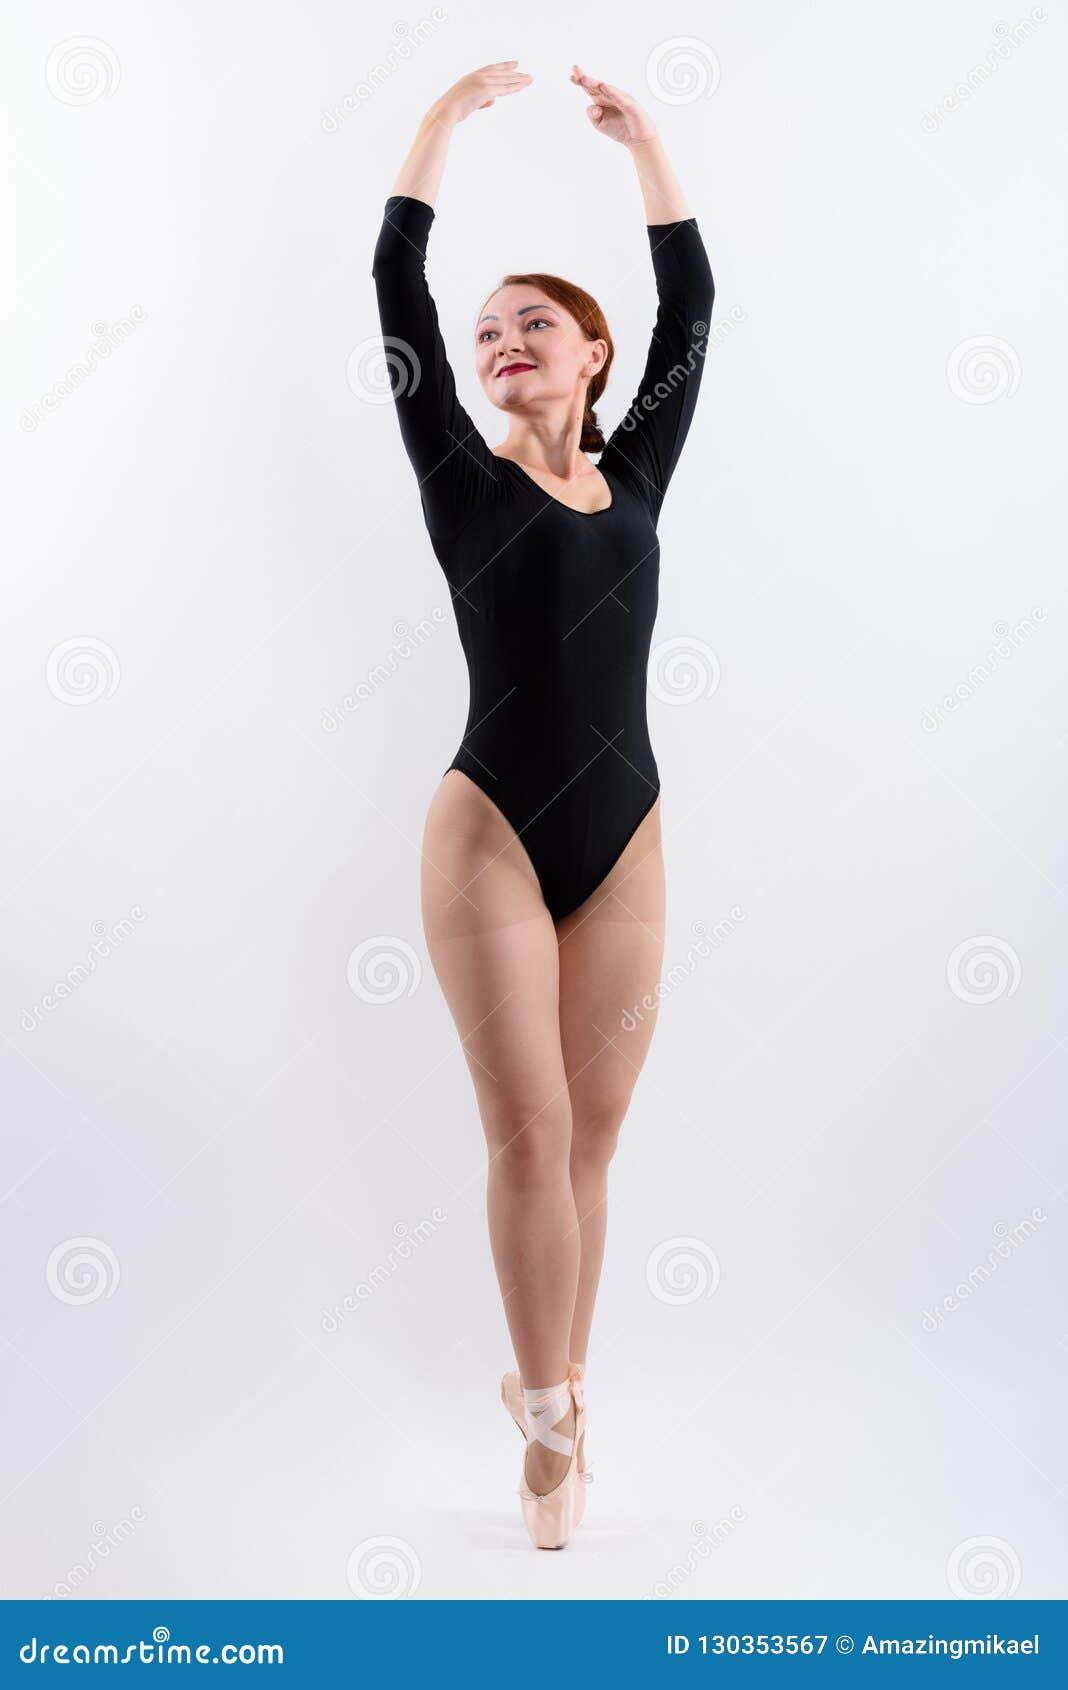 Bailarín Tiro Ballet Cuerpo Del De Que Anda La Mujer Lleno nw8XPkN0O